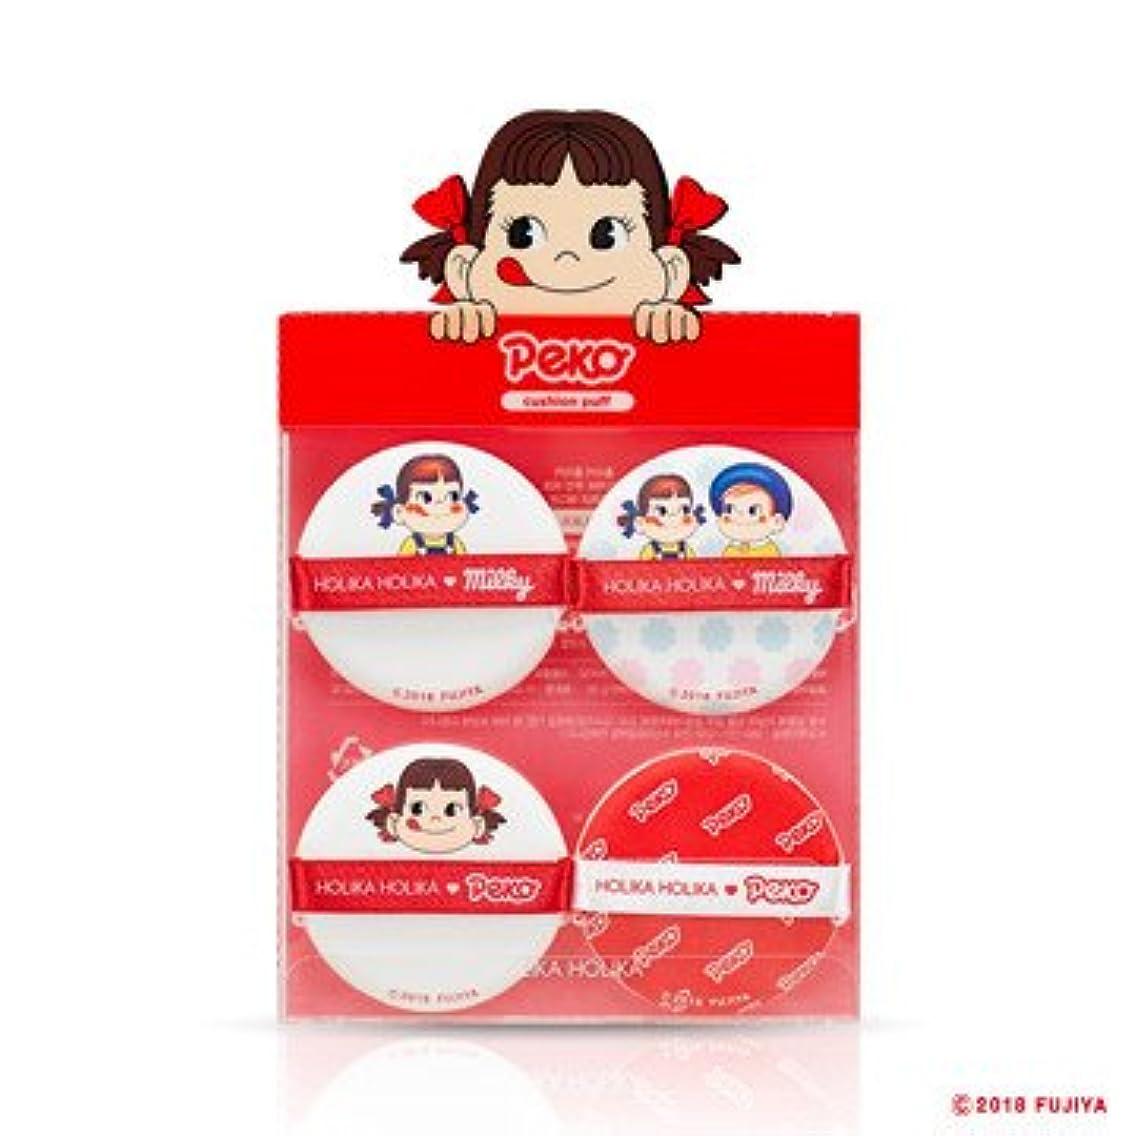 扱う野心的差し控えるHolika Holika [Sweet Peko Edition] Hard Cover Cushion Puff(4EA)/ホリカホリカ [スイートペコエディション] ハードカバークッションパフ (4枚入り) [並行輸入品]